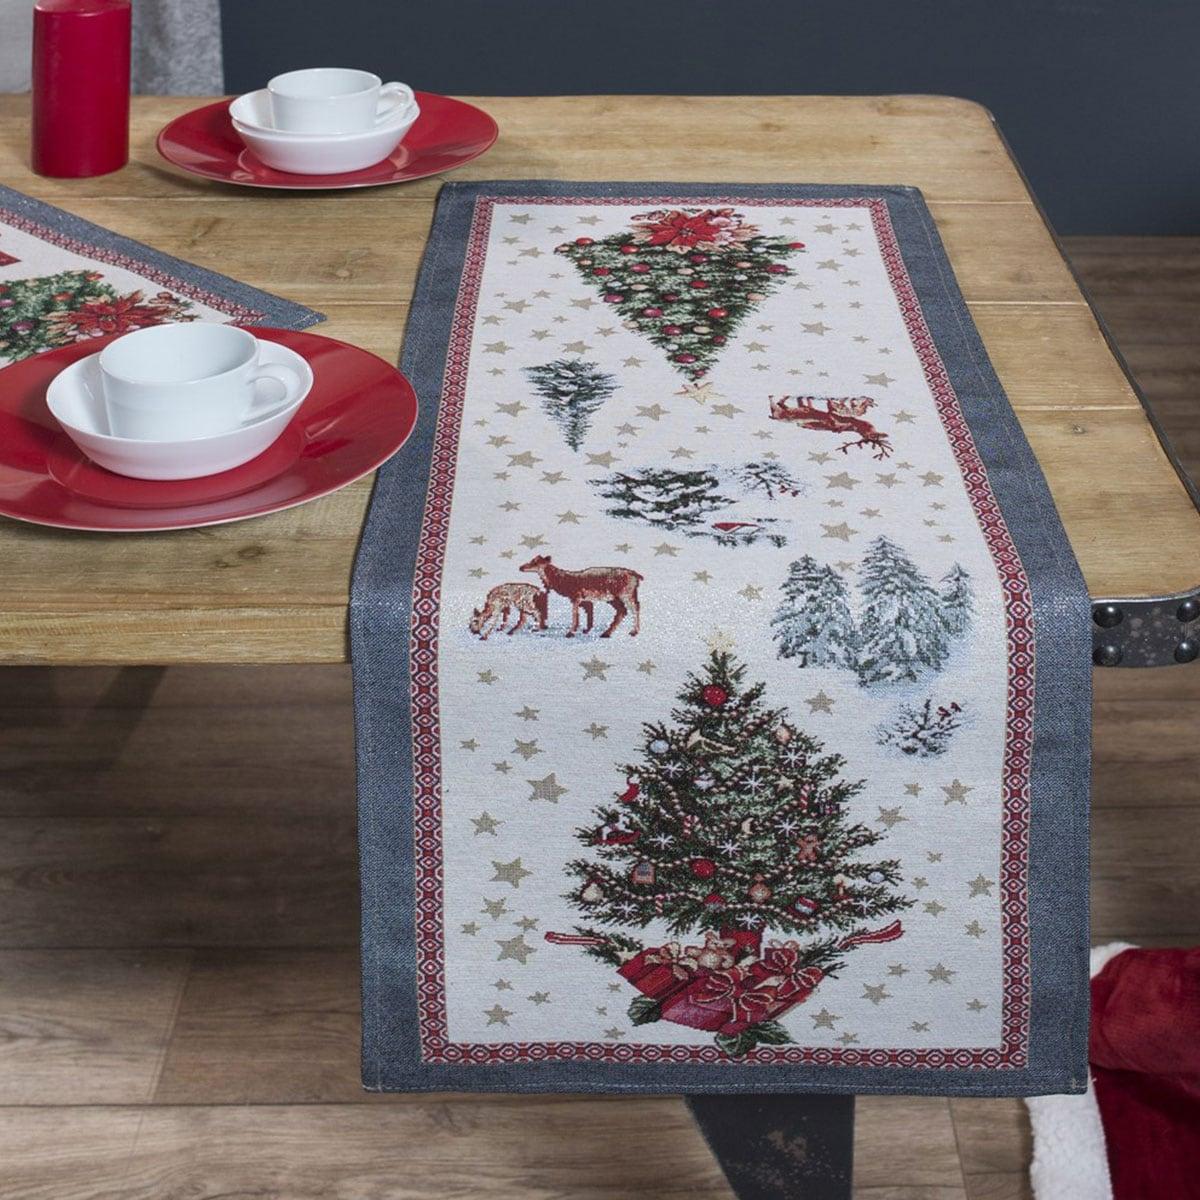 Τραβέρσα Χριστουγεννιάτικη Laponia Multi Teoran 40Χ150 45x140cm